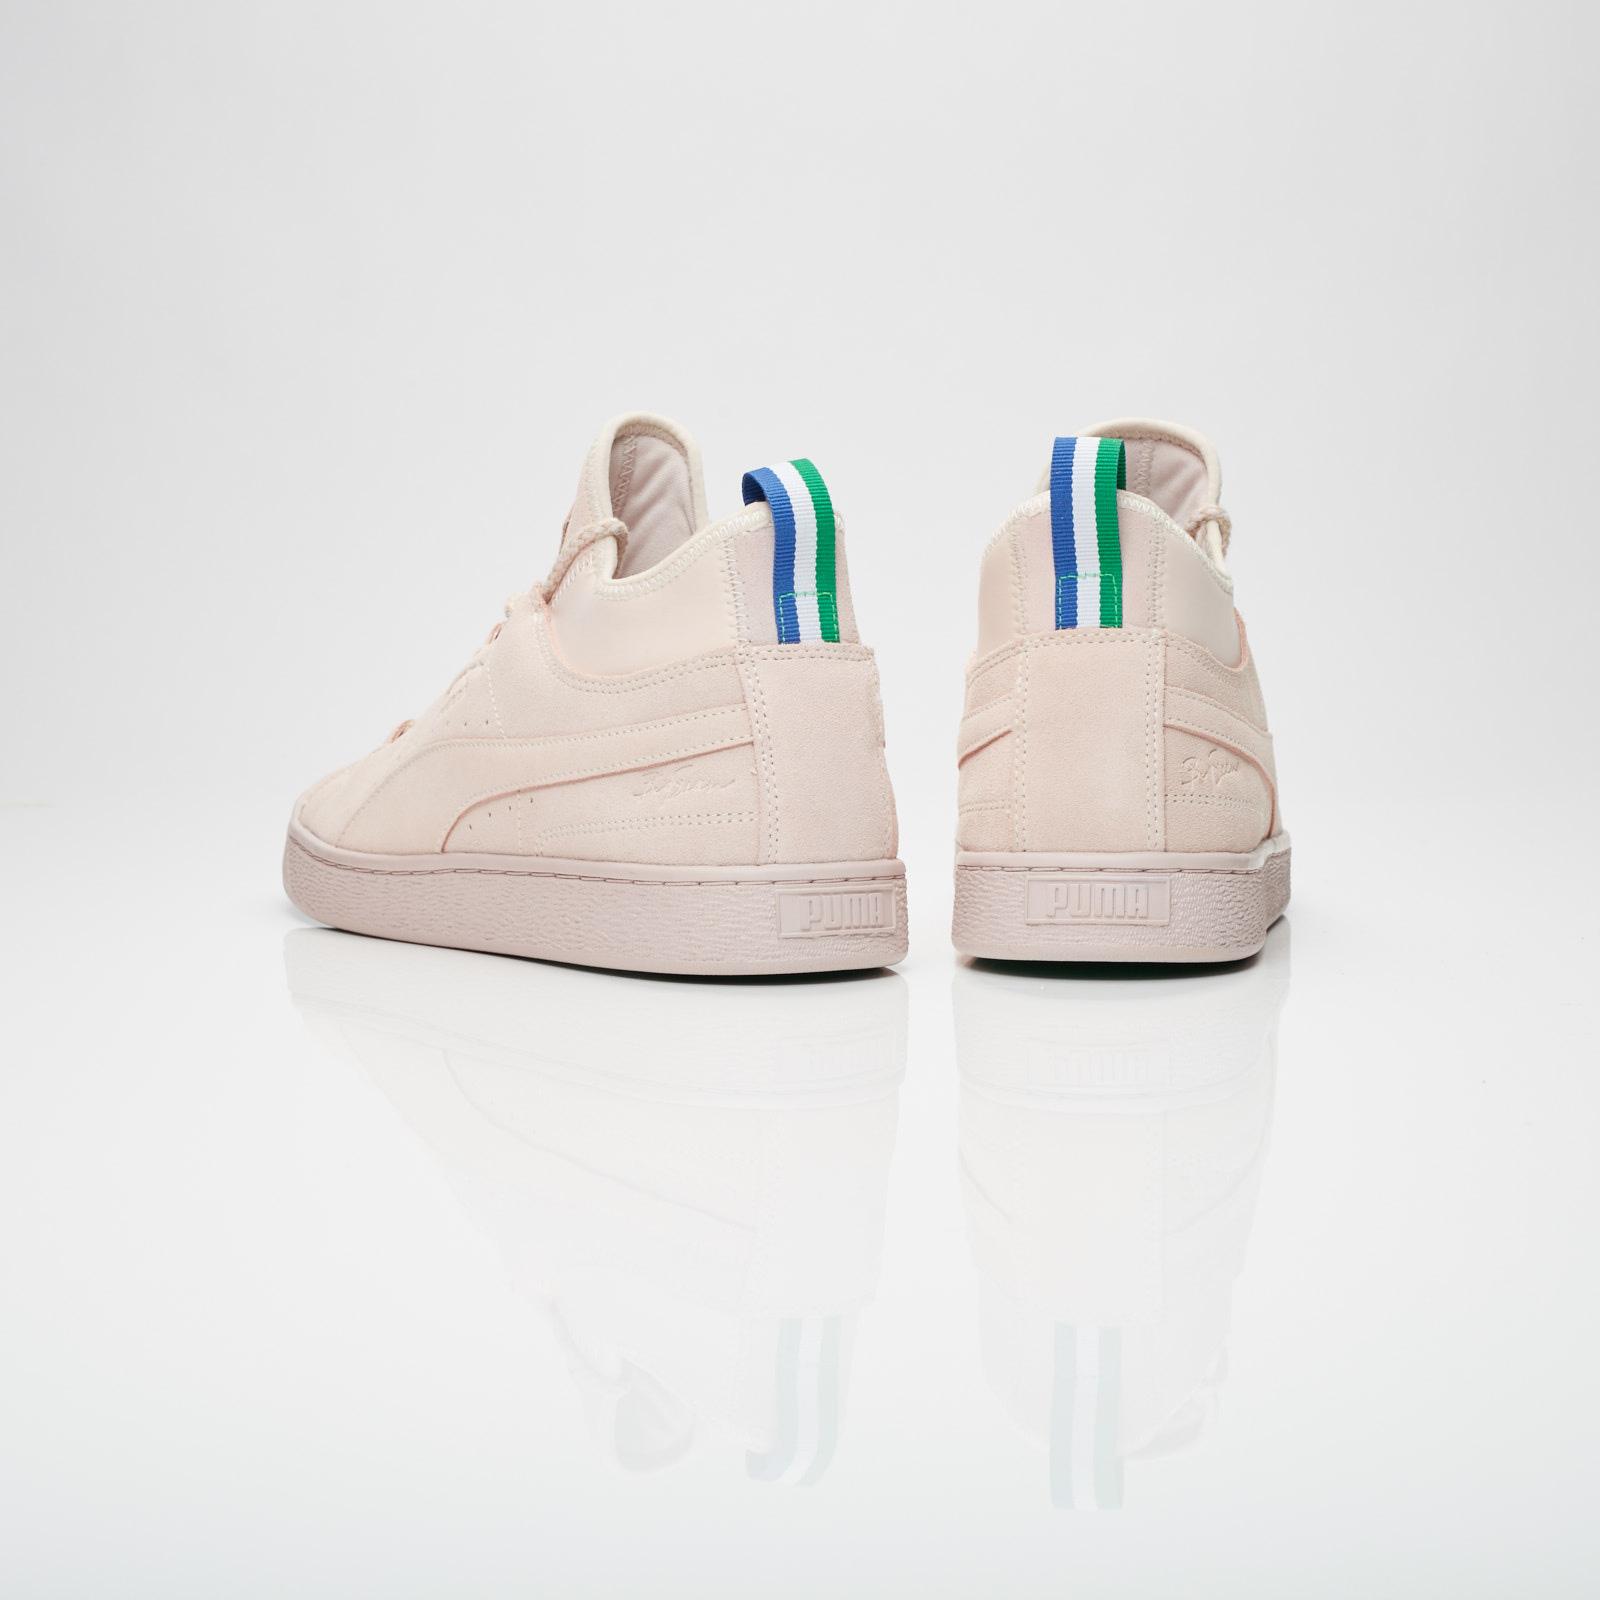 Puma Suede Mid Big Sean 366252 01 Sneakersnstuff